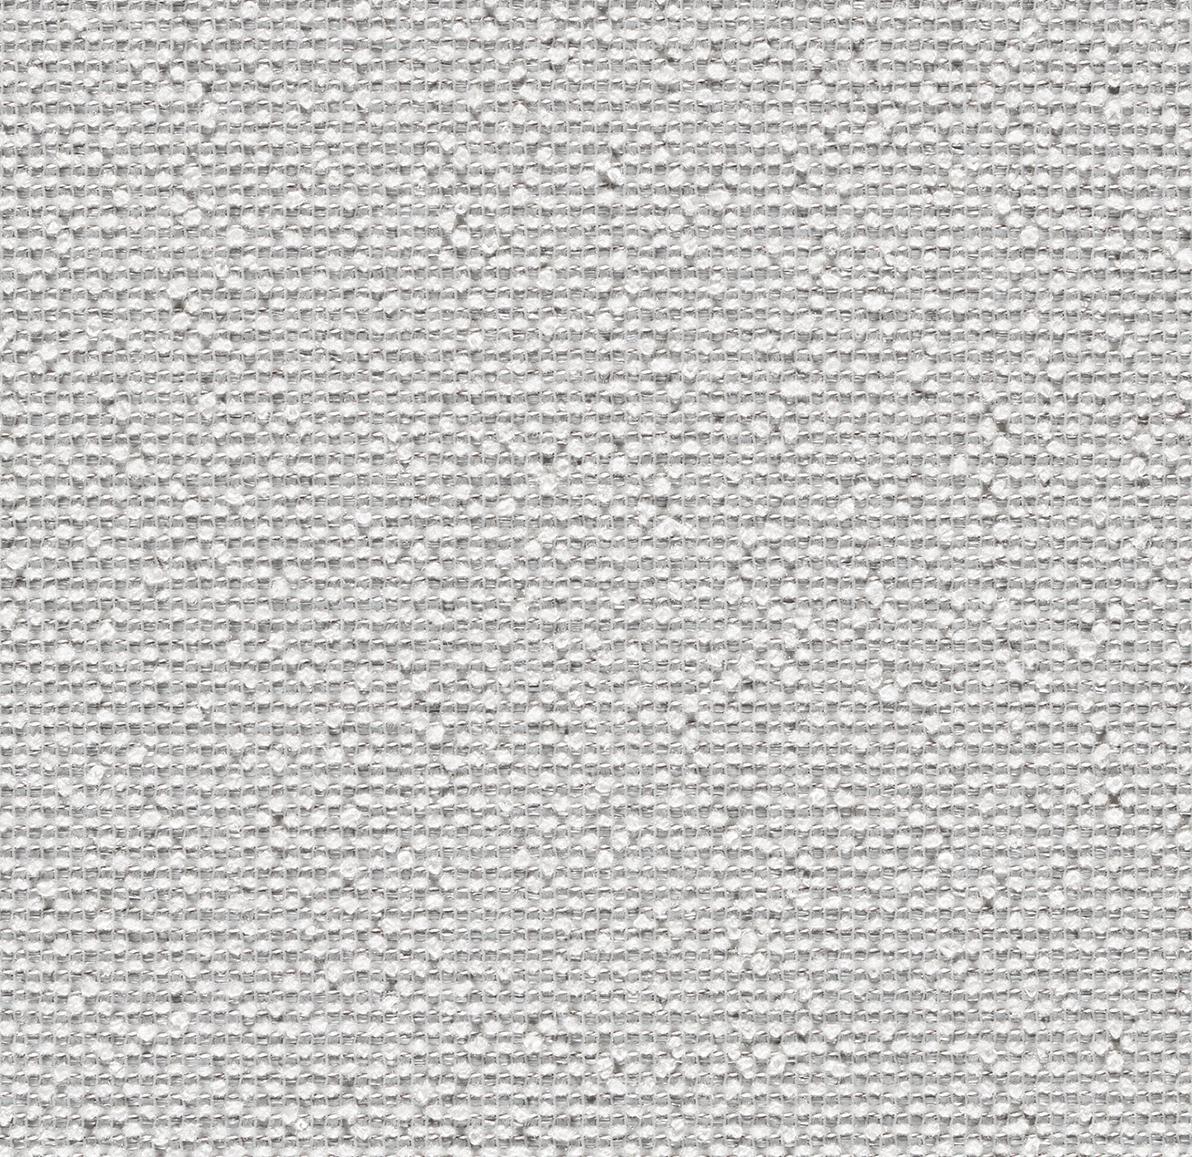 Rhetoric - Ethos - 7017 - 01 Tileable Swatches